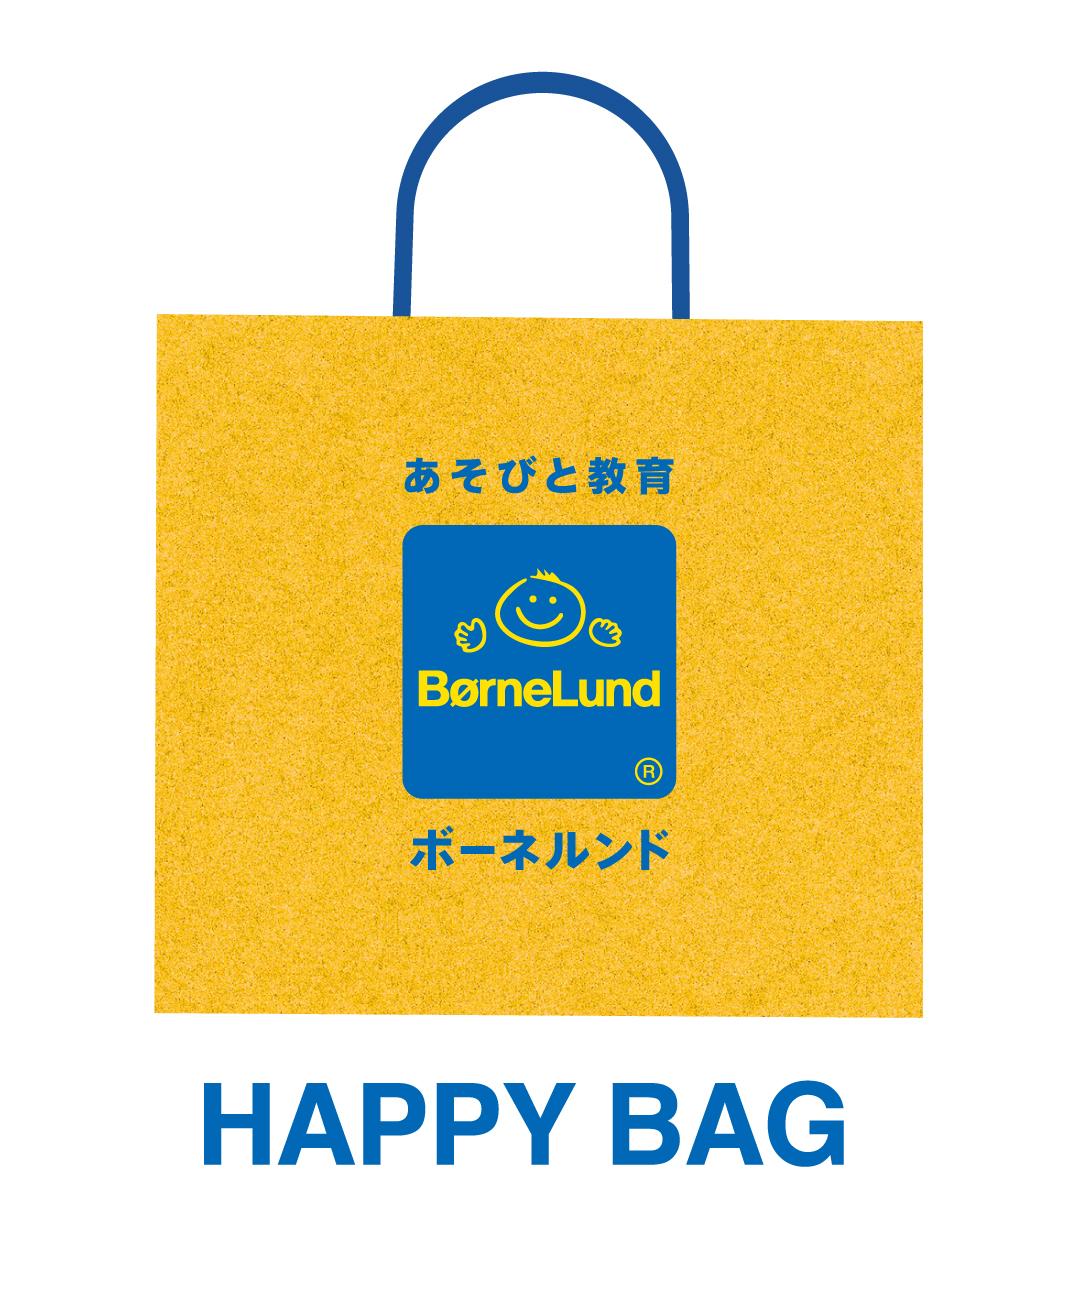 ボーネルンドの福袋「ハッピーバック」販売のお知らせ